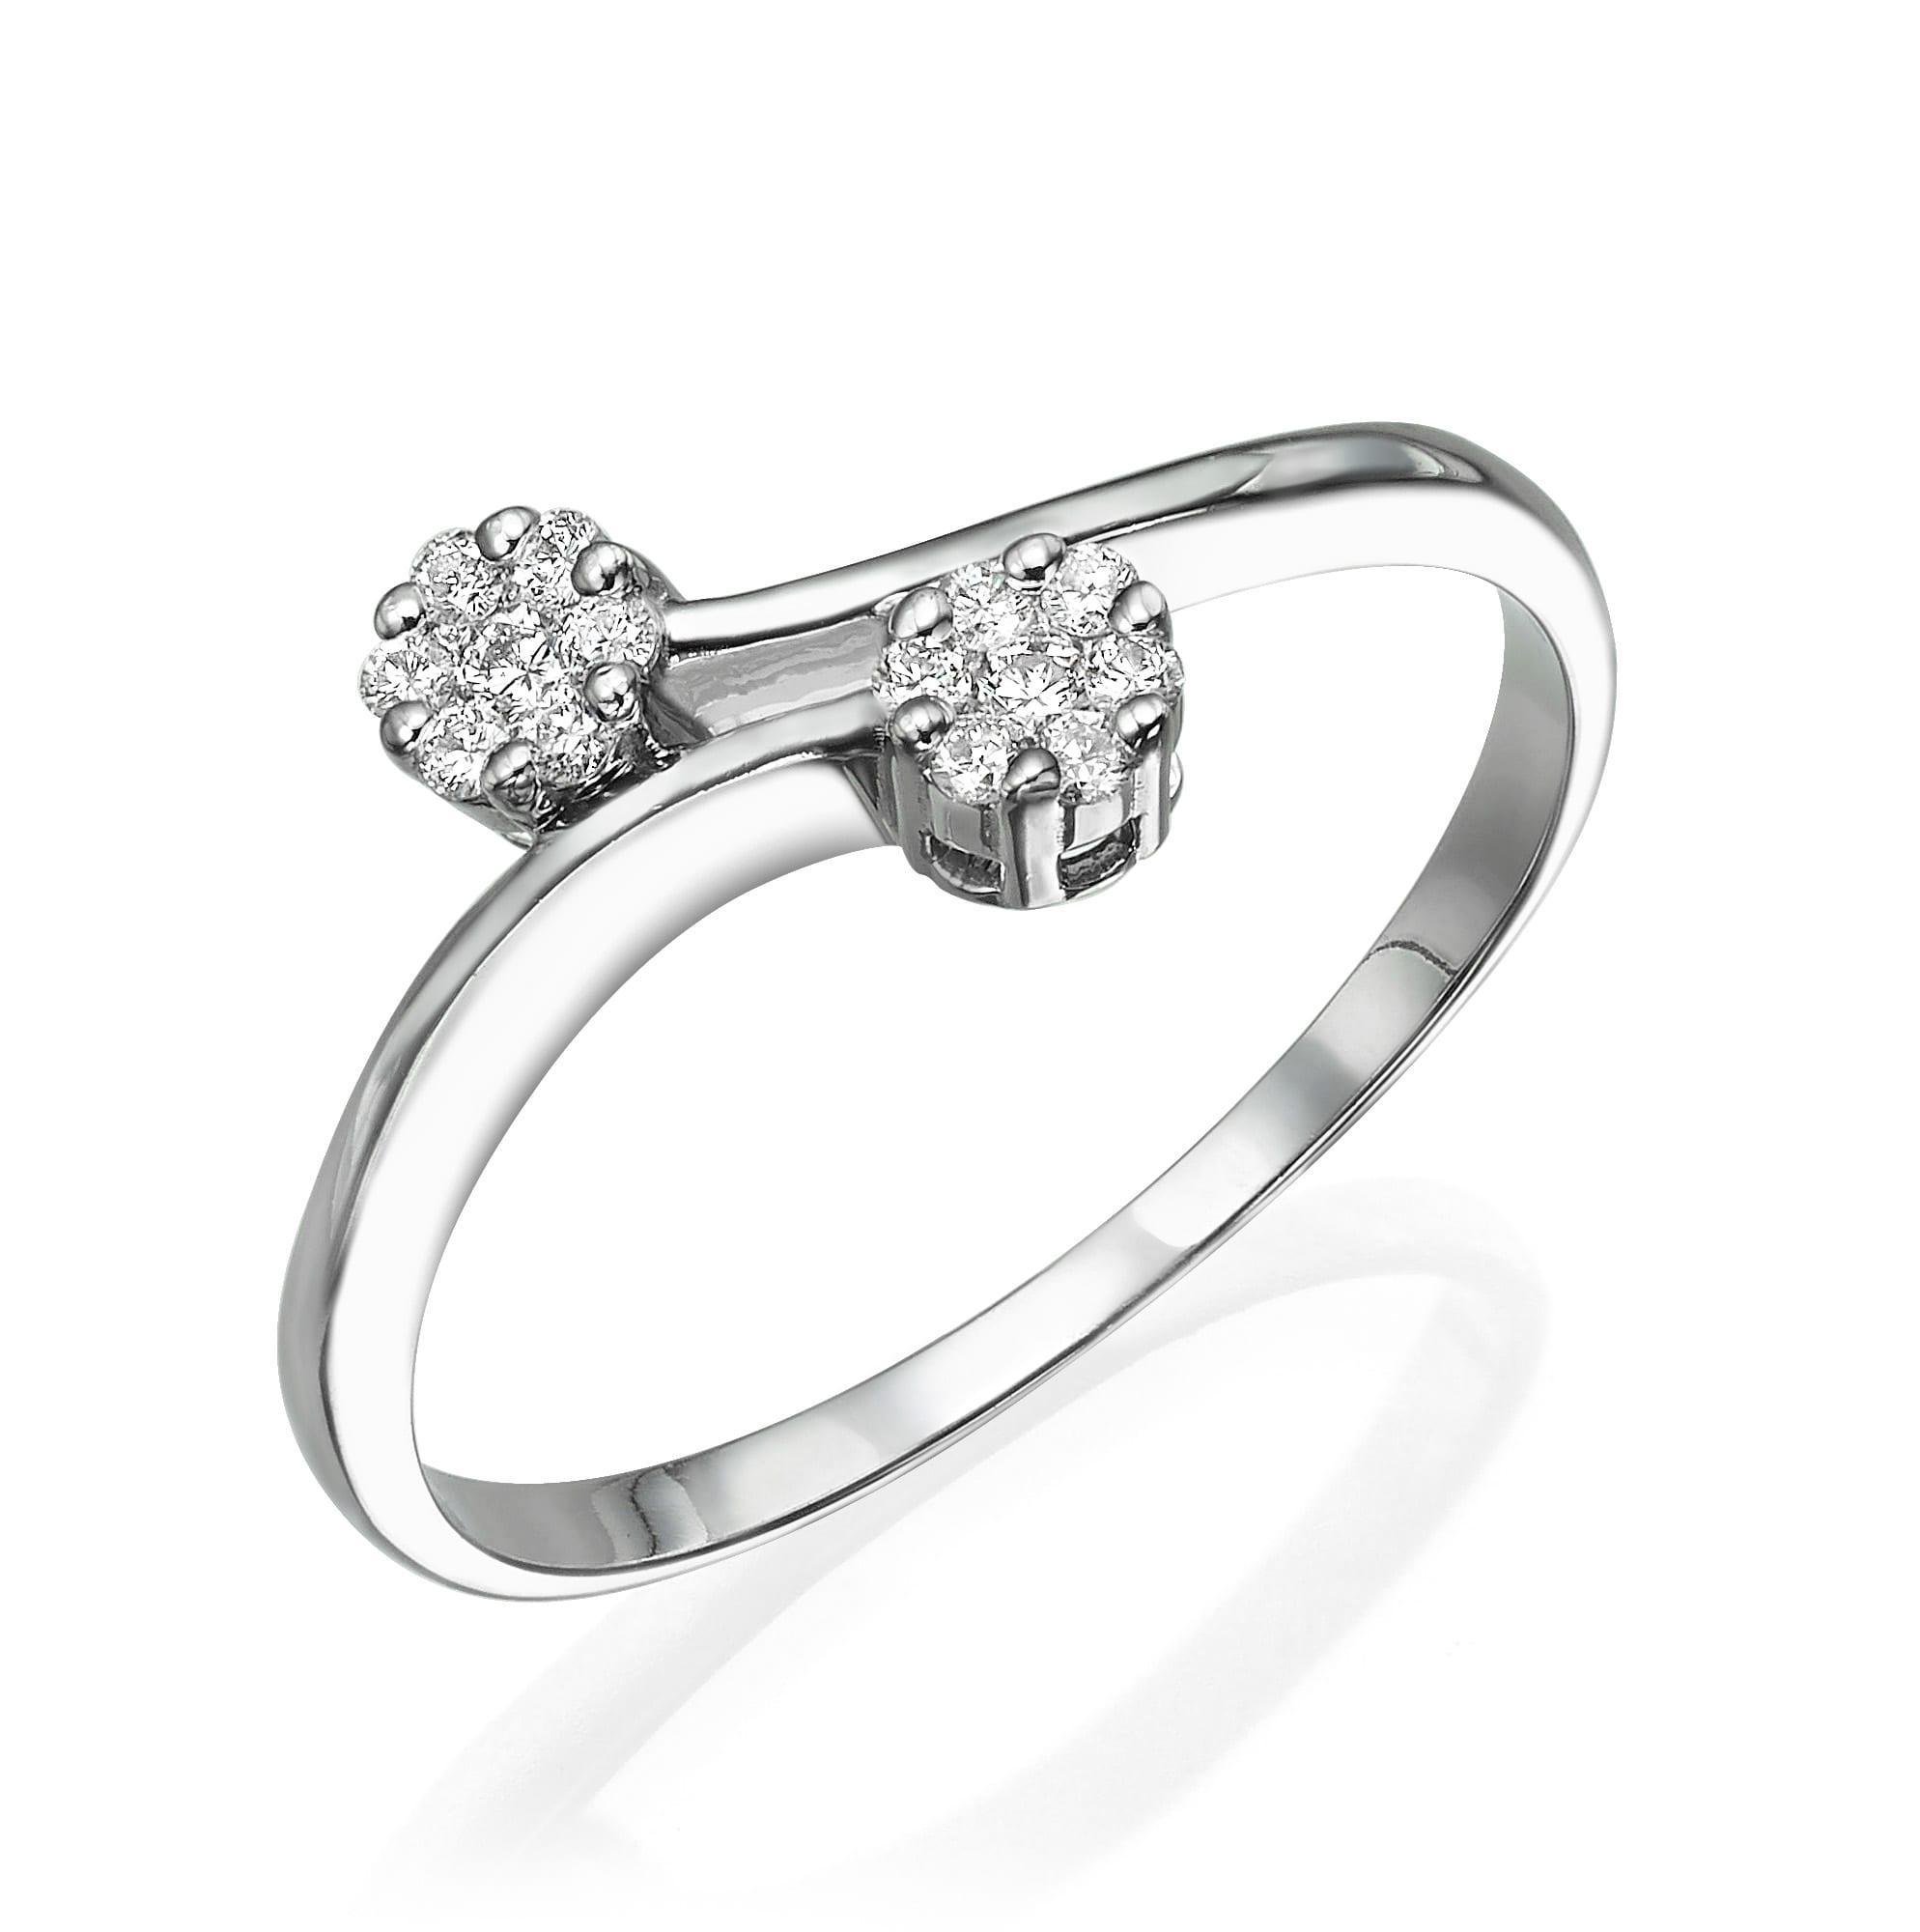 טבעת יהלומים דגם Mara ב-20% הנחה!!!